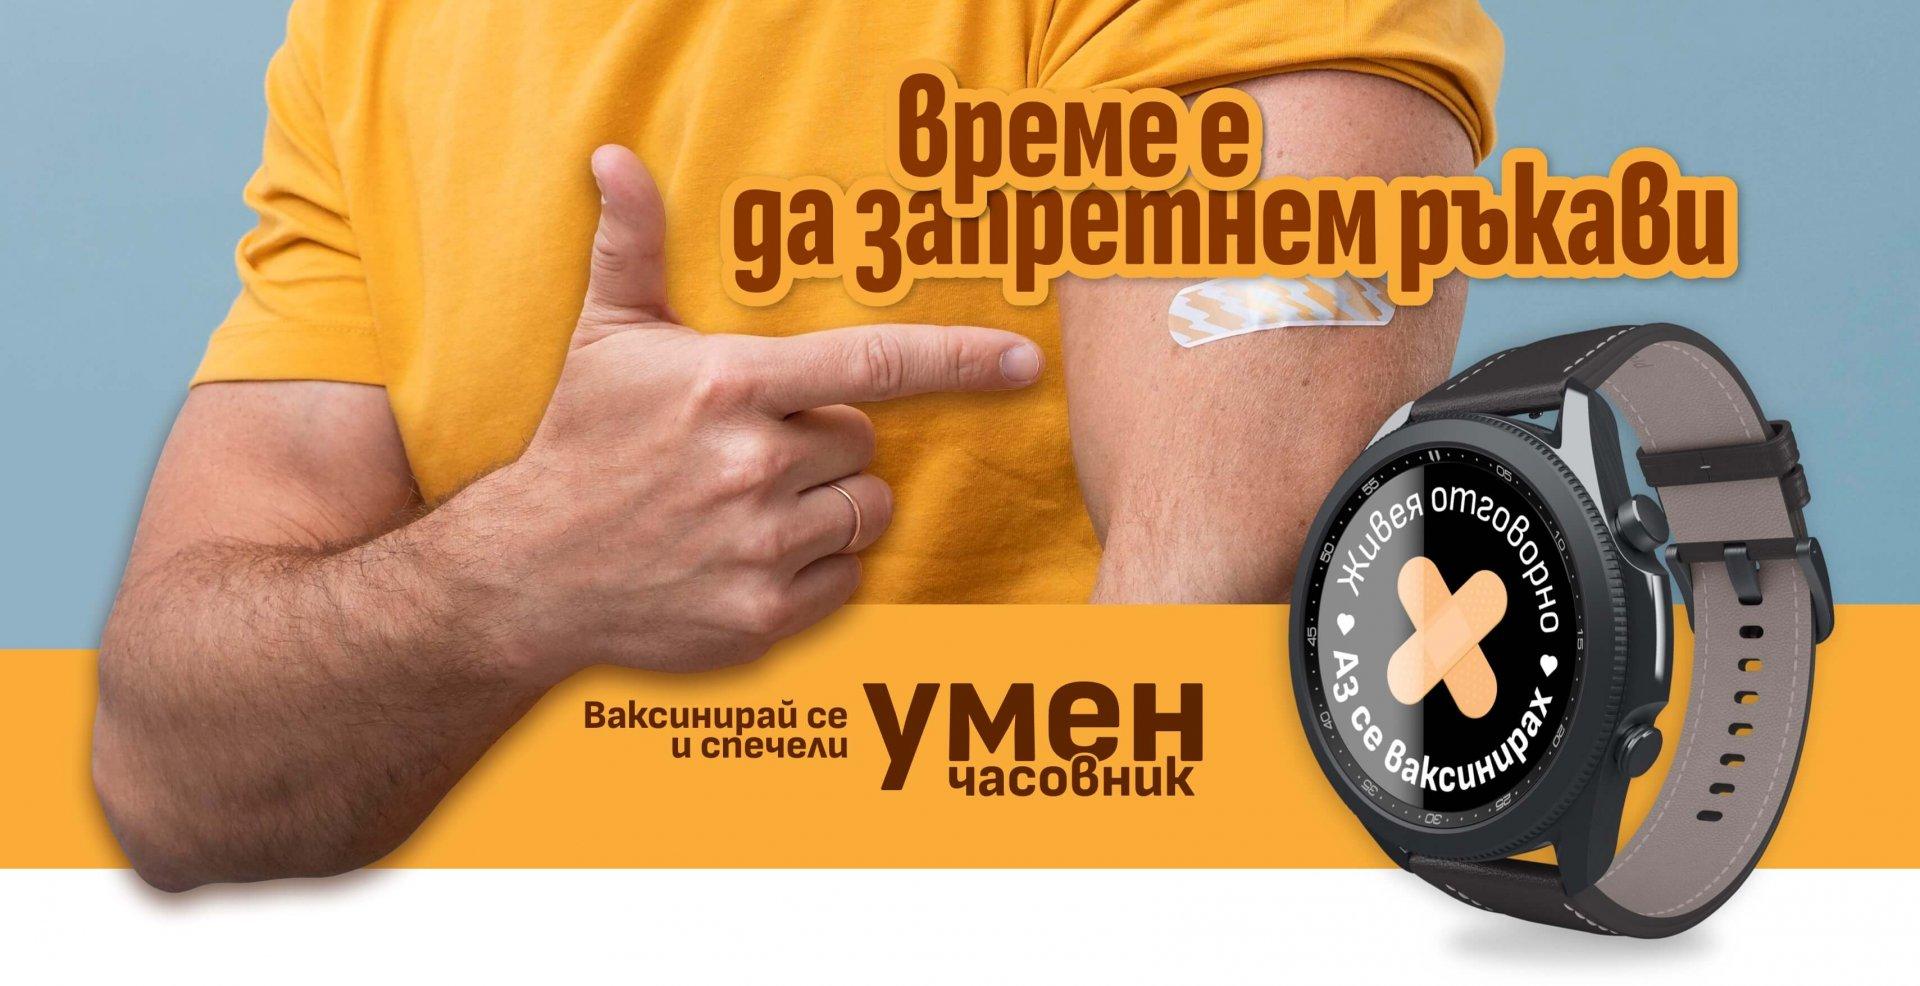 Така изглежда рекламната кампания на Министерството на здравеопазването